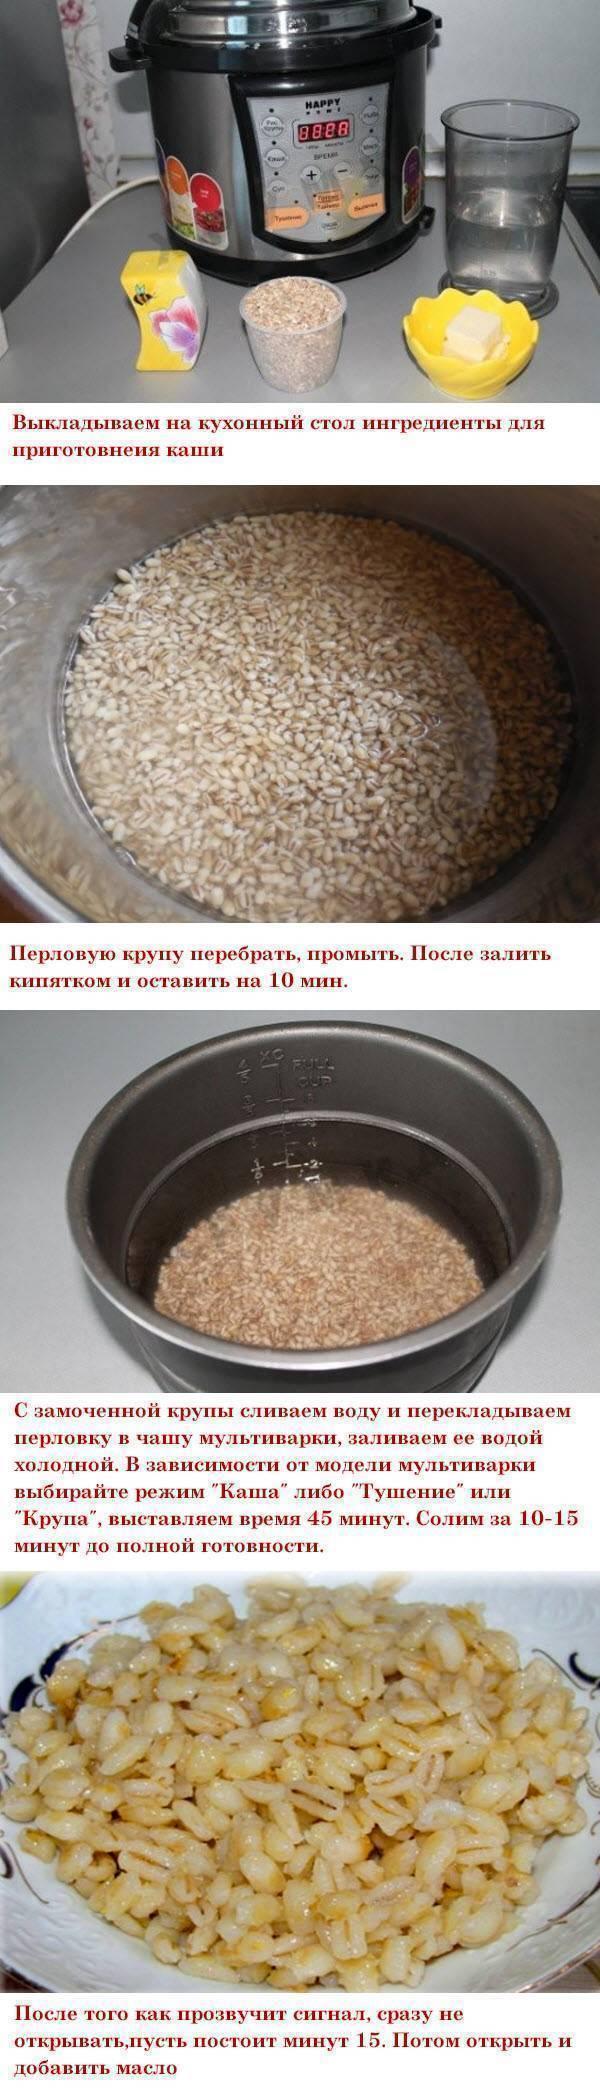 Как варить перловку на воде: пошаговые рецепты с замачиванием и без